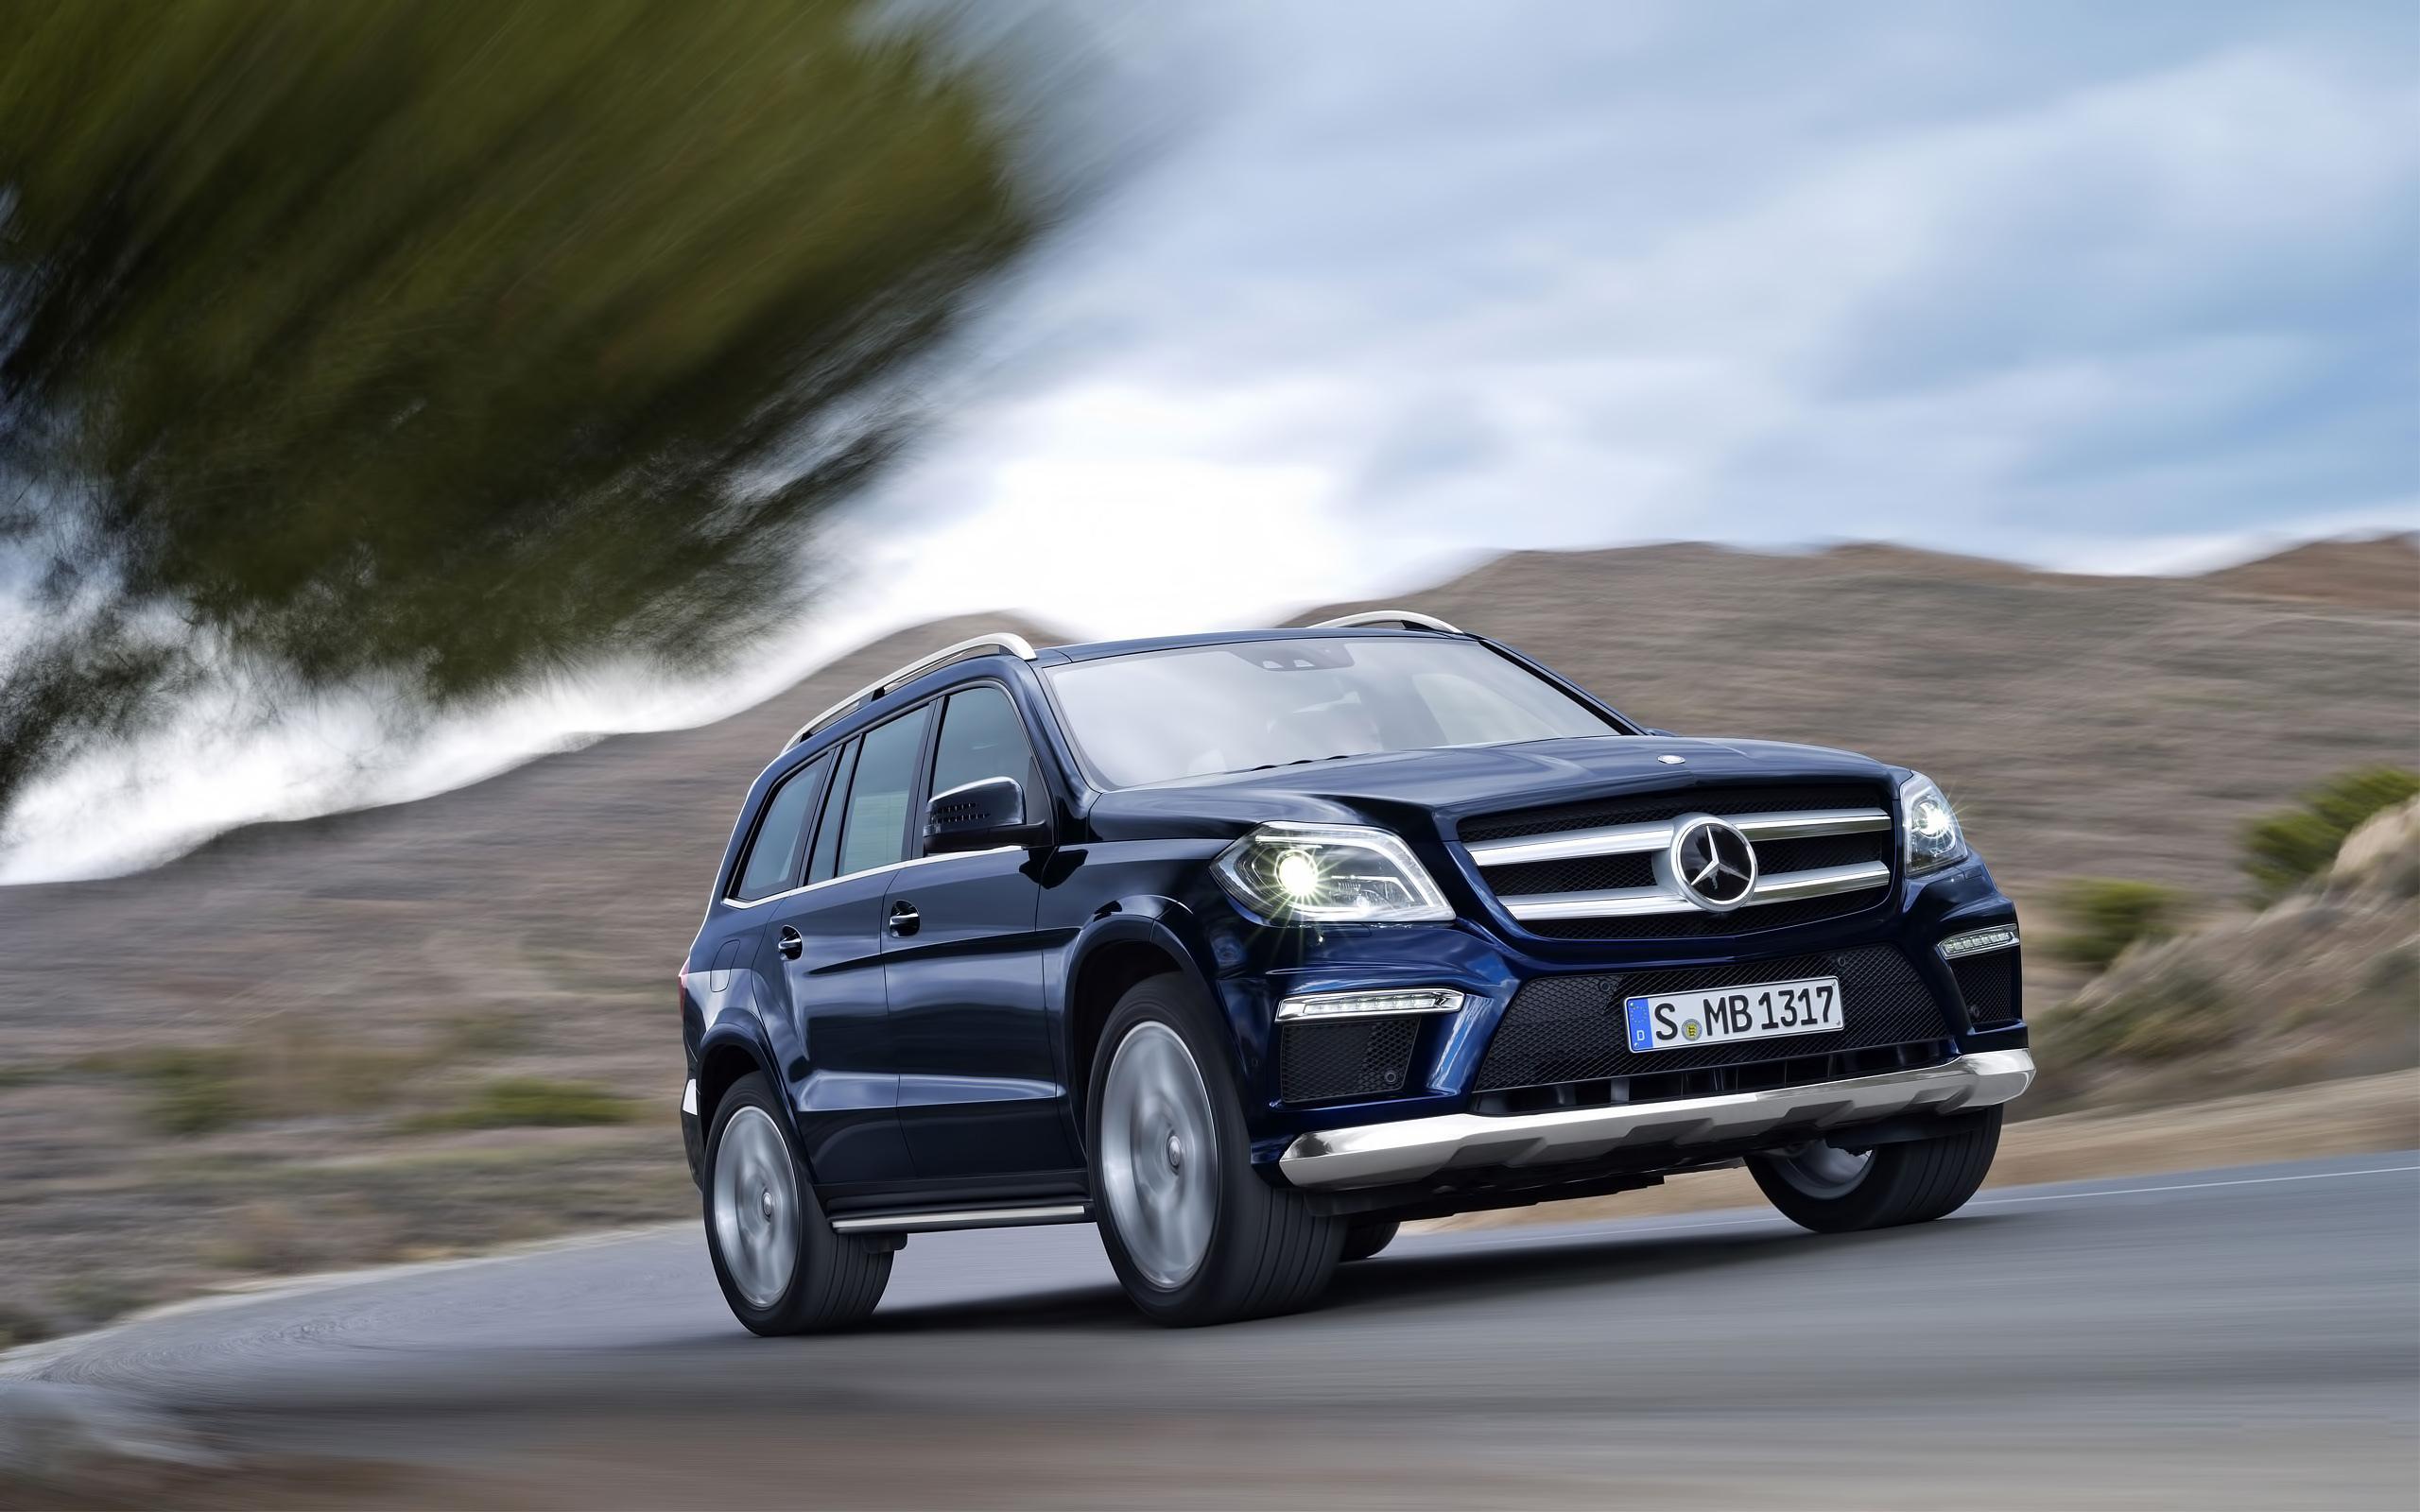 Скачать картинку Мерседес (Mercedes), Транспорт, Машины в телефон бесплатно.